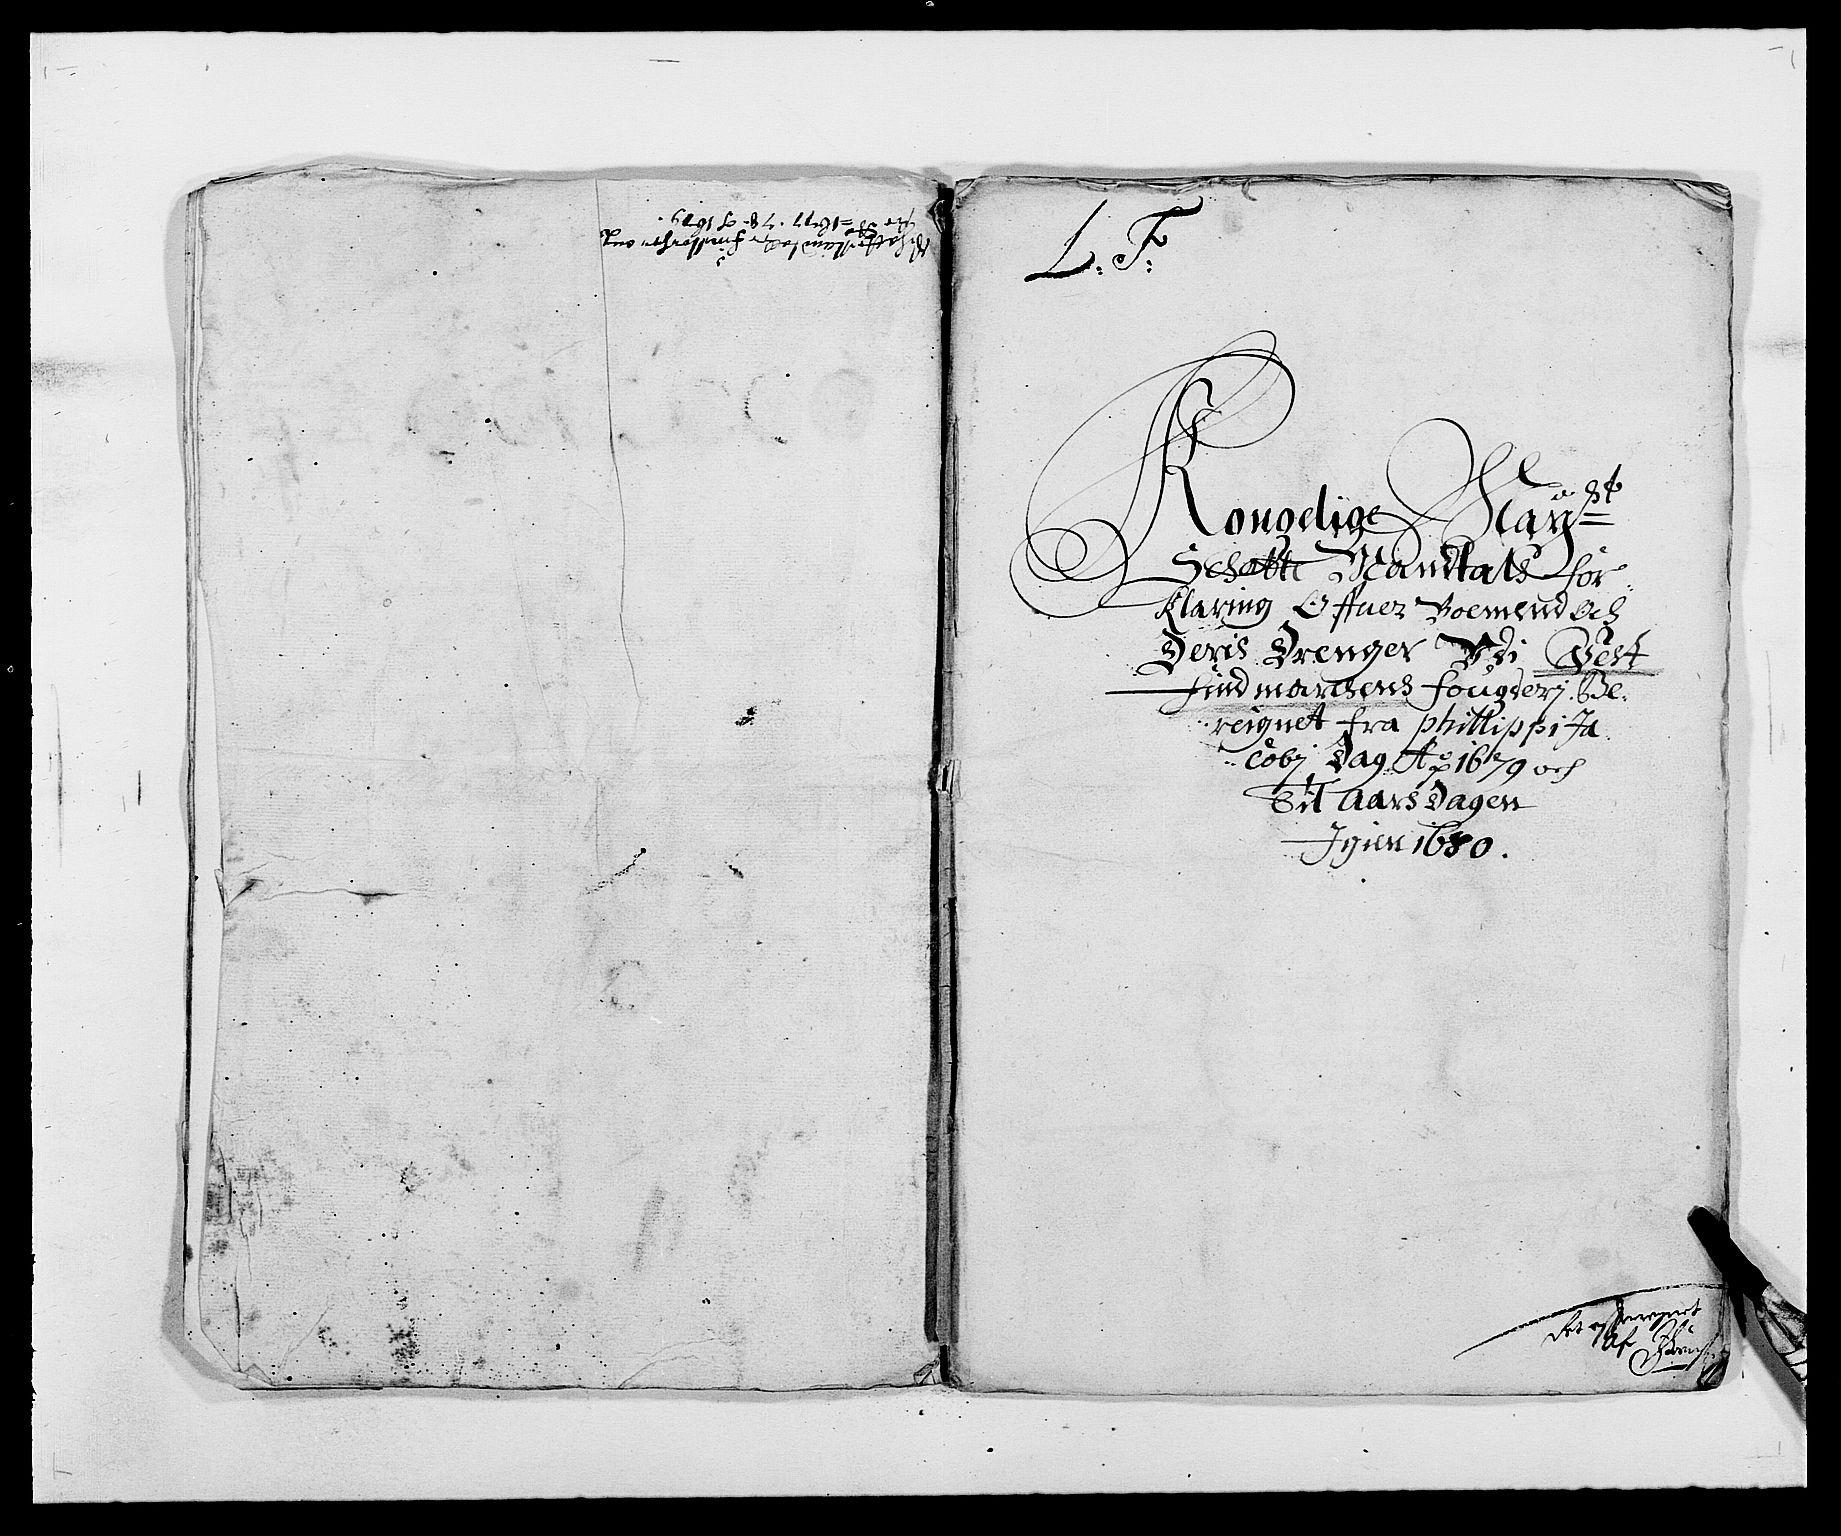 RA, Rentekammeret inntil 1814, Reviderte regnskaper, Fogderegnskap, R69/L4849: Fogderegnskap Finnmark/Vardøhus, 1661-1679, s. 442